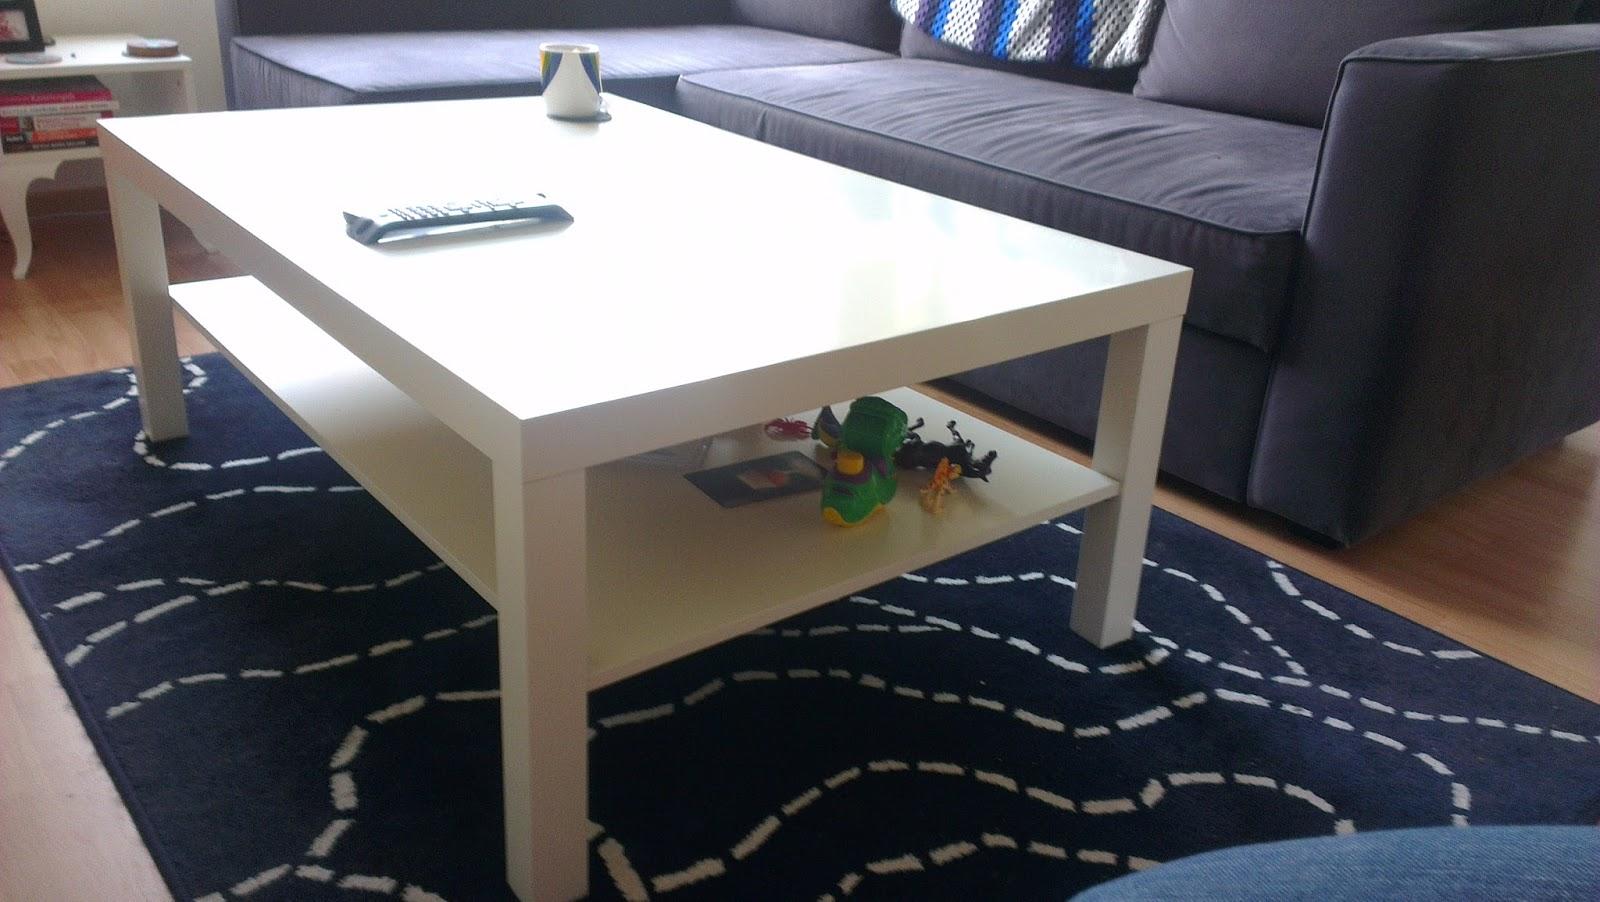 Ace the Adventure: IKEA Vrijdag: Lack Salontafel/Coffee Table